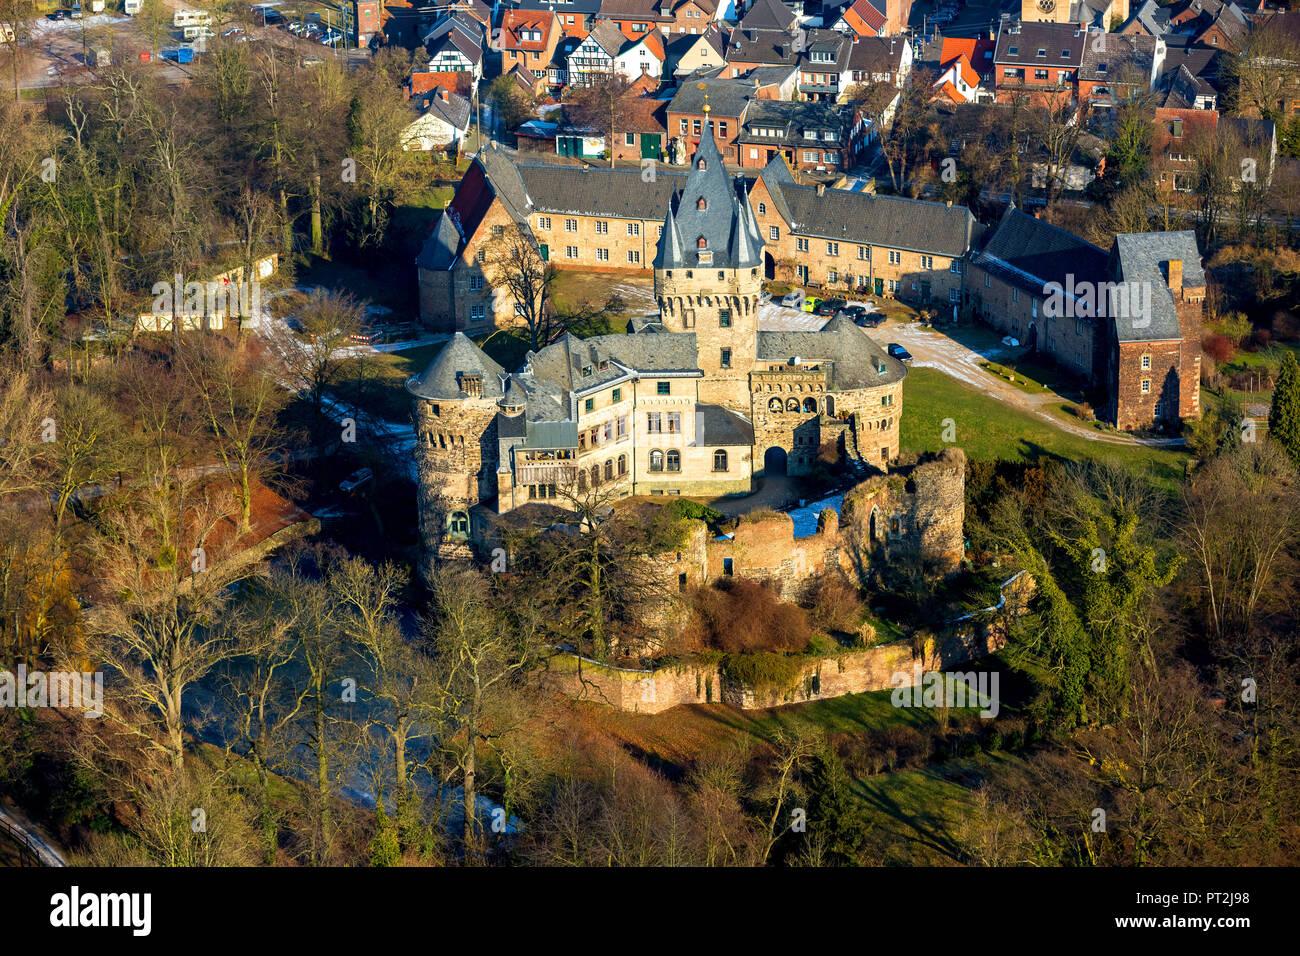 schloss hulchrath ist ein ehemaliges land burg aus dem kurfurstentum koln bezirk hulchrath in grevenbroich wasserburg neo gotischen stil grevenbroich